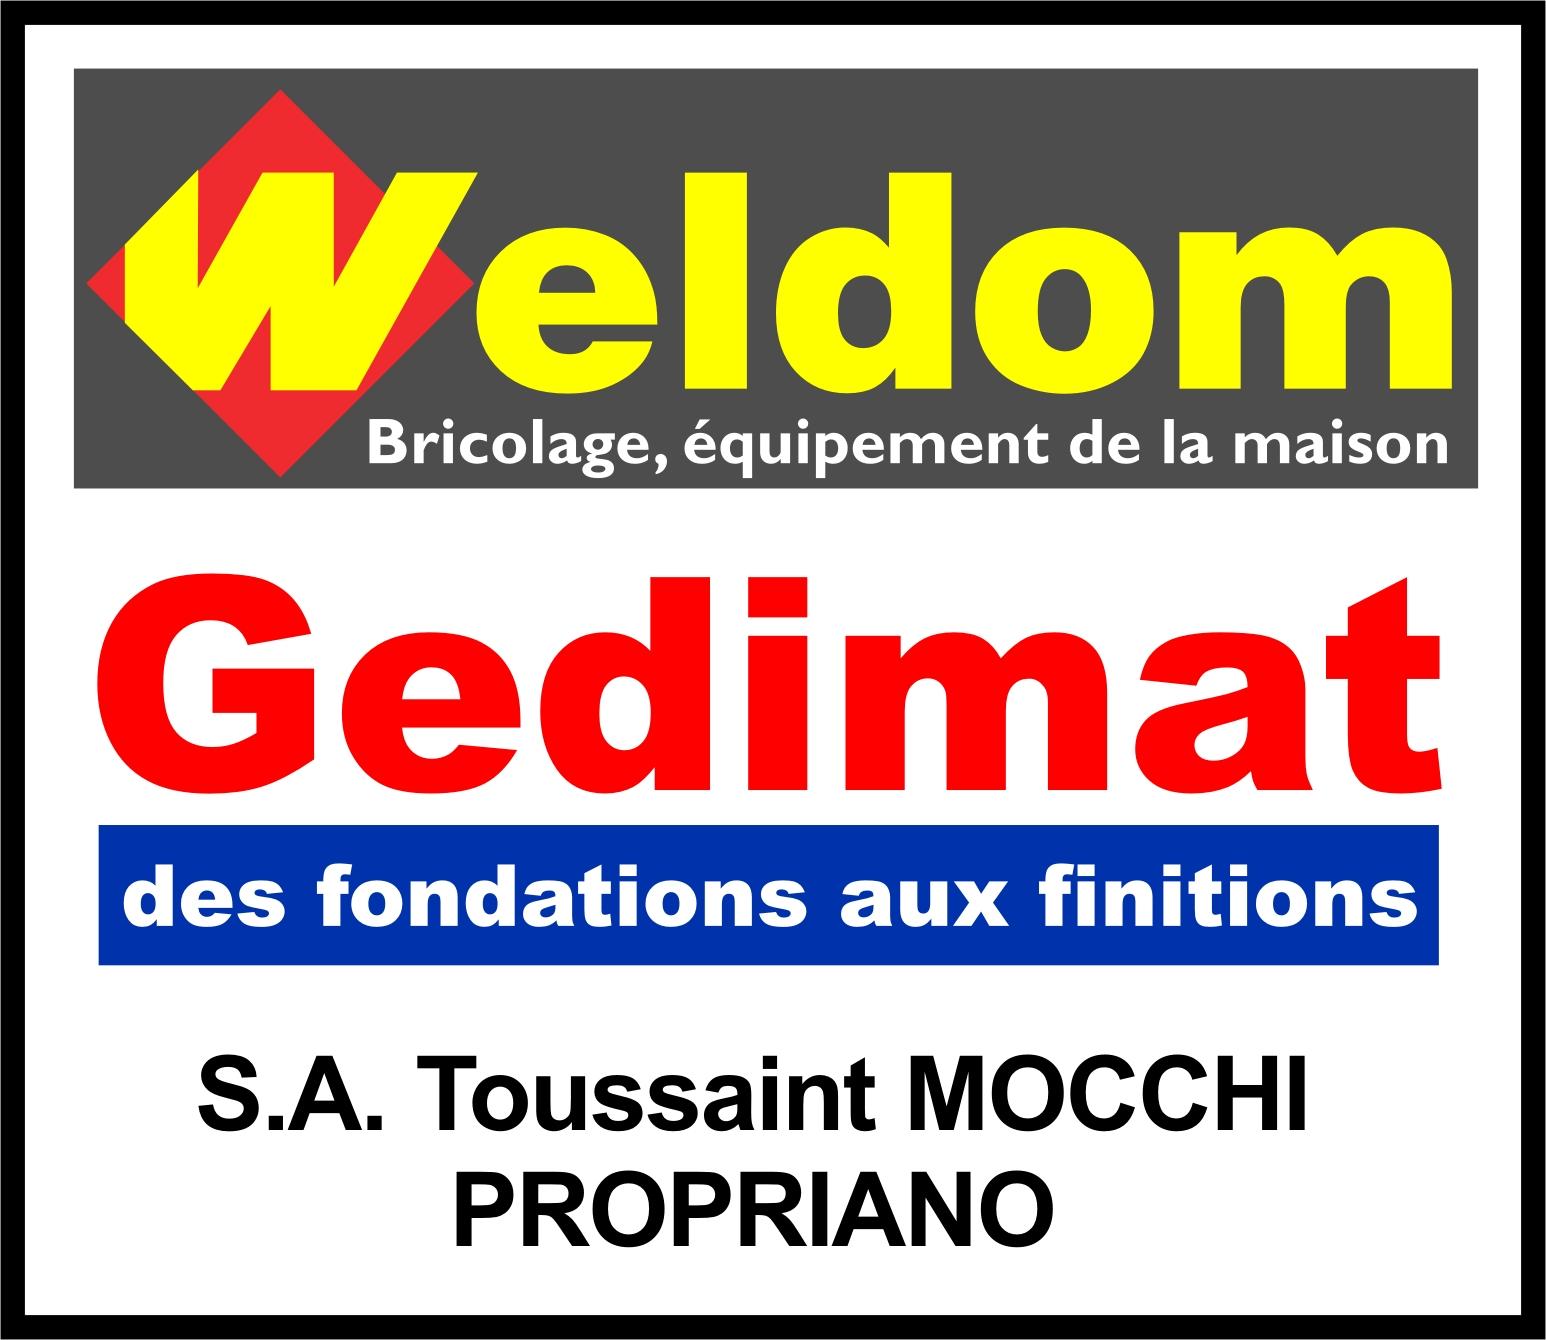 S.A. TOUSSAINT MOCCHI